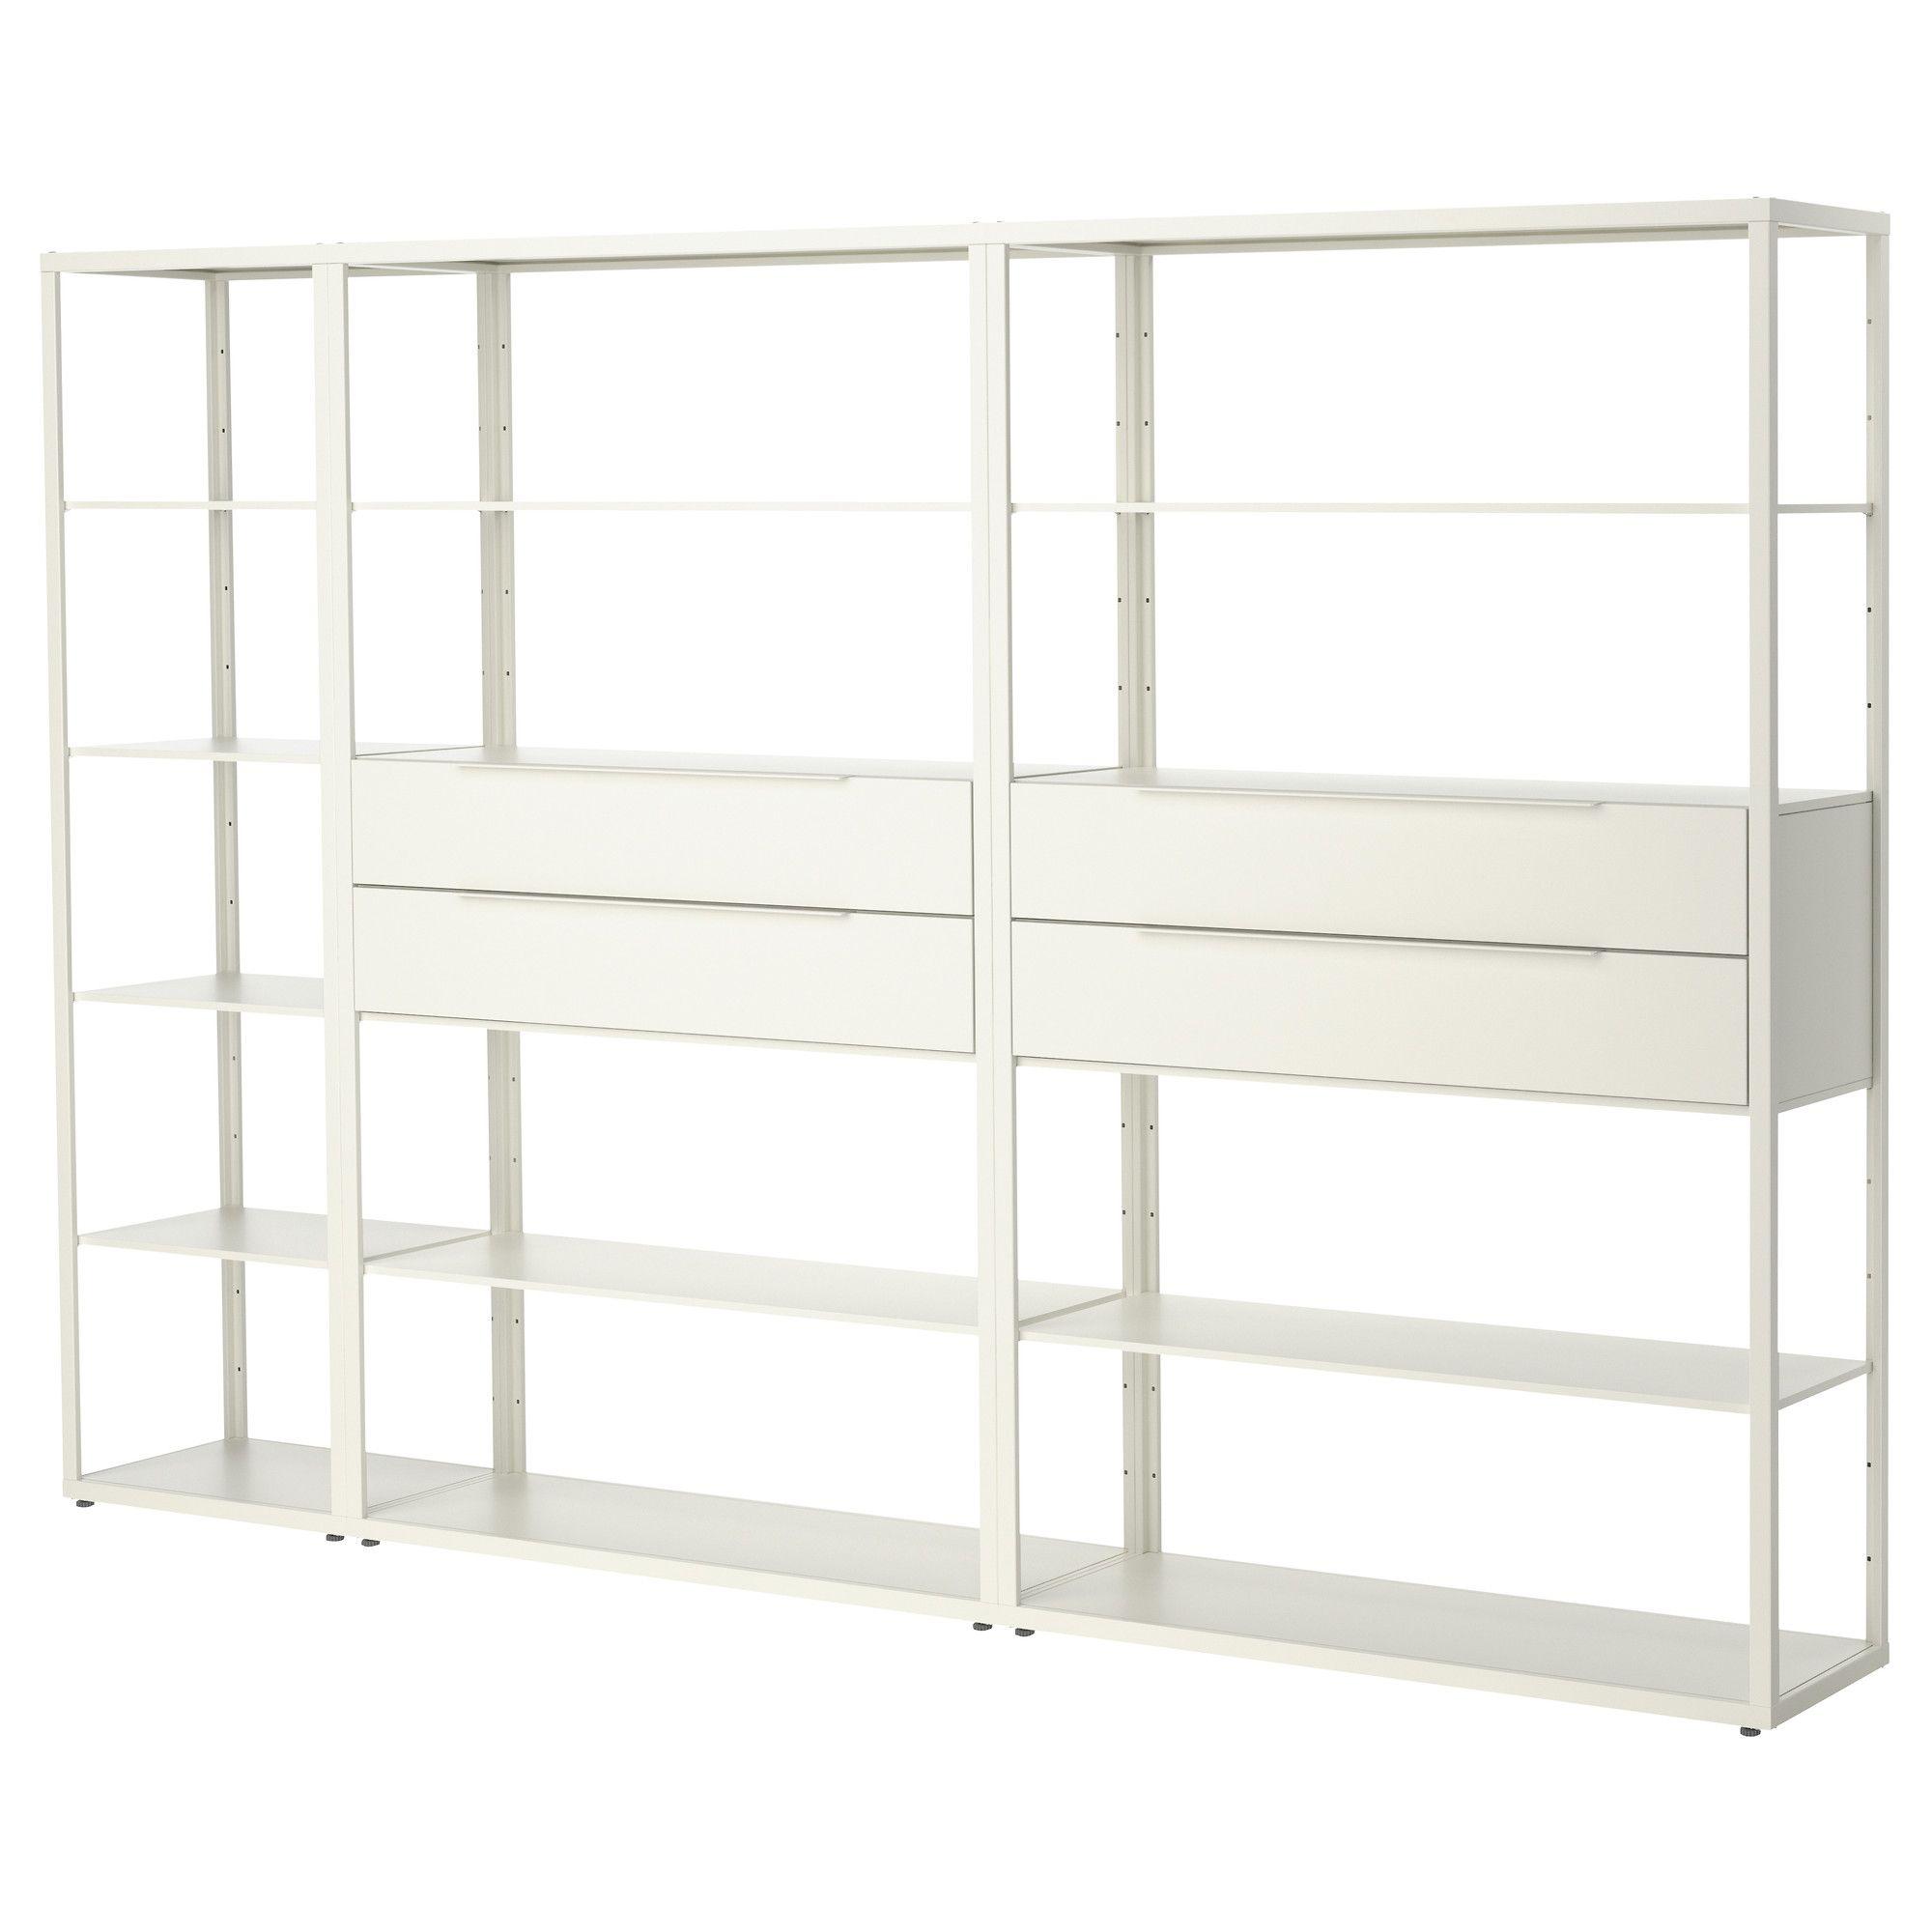 Australia Ikea shelving unit, Ikea wall shelves, Shelves